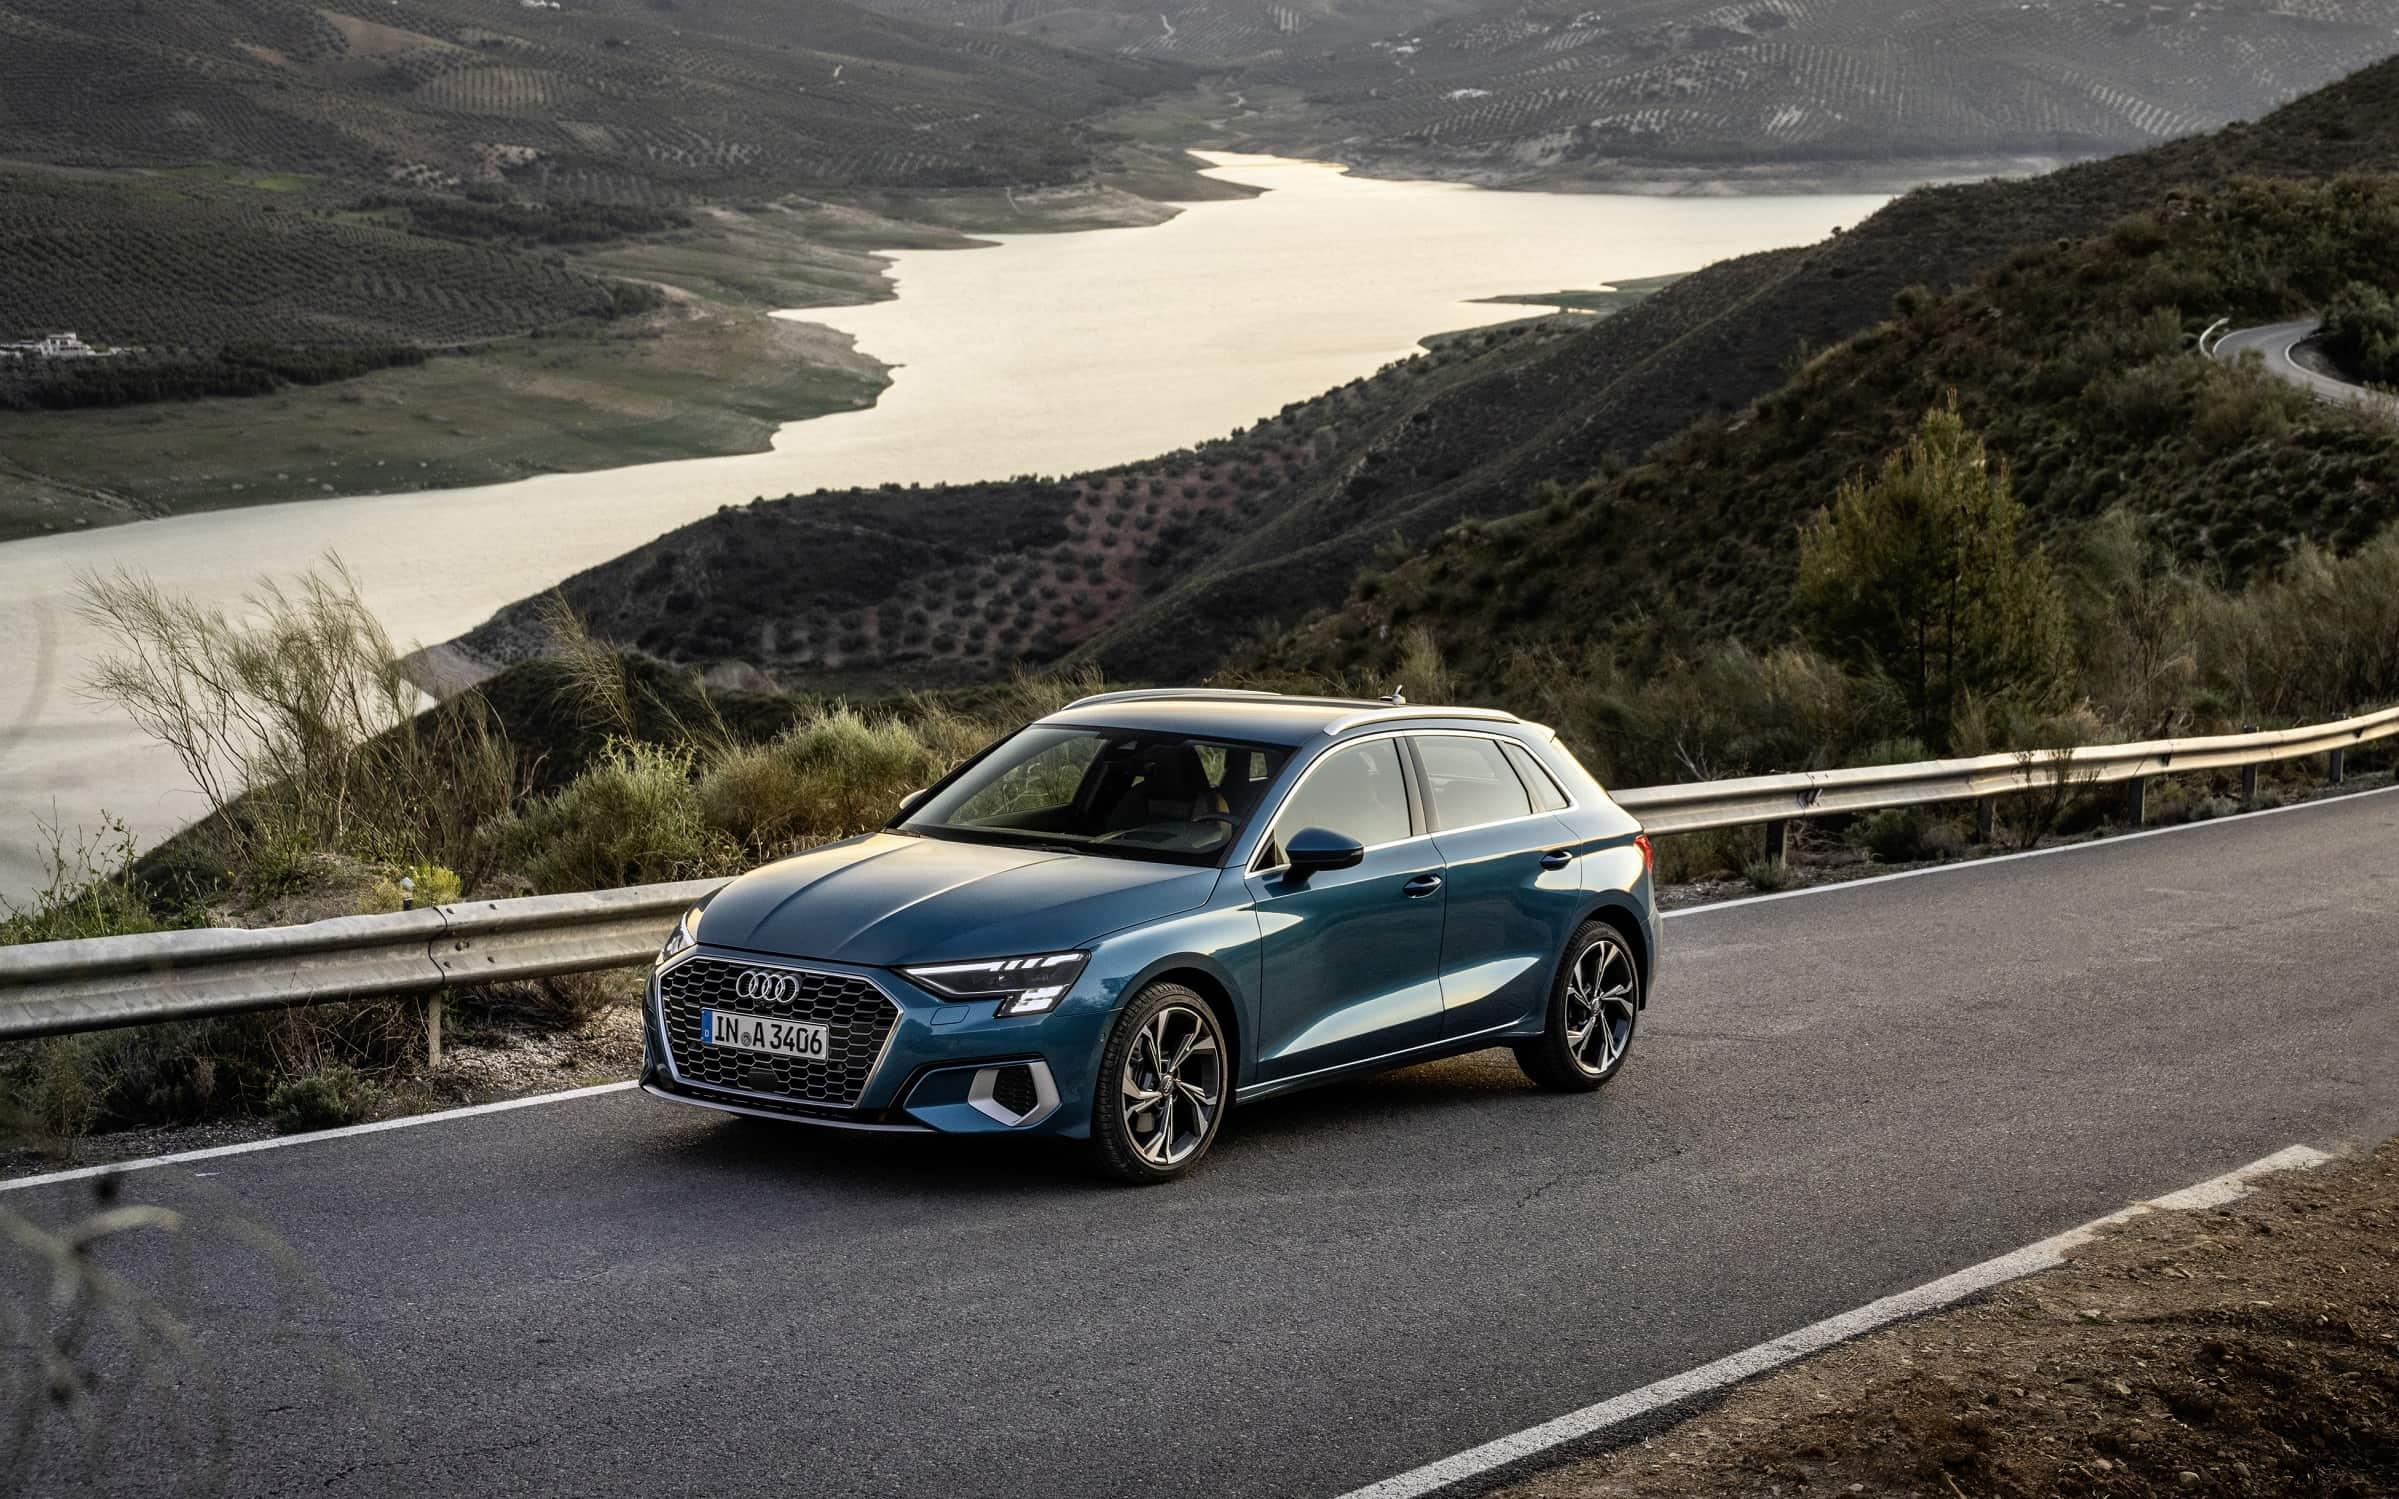 Νέο Audi A3 Sportback φωτογραφημένο εν κινήσει σε ωραίο τοπίο